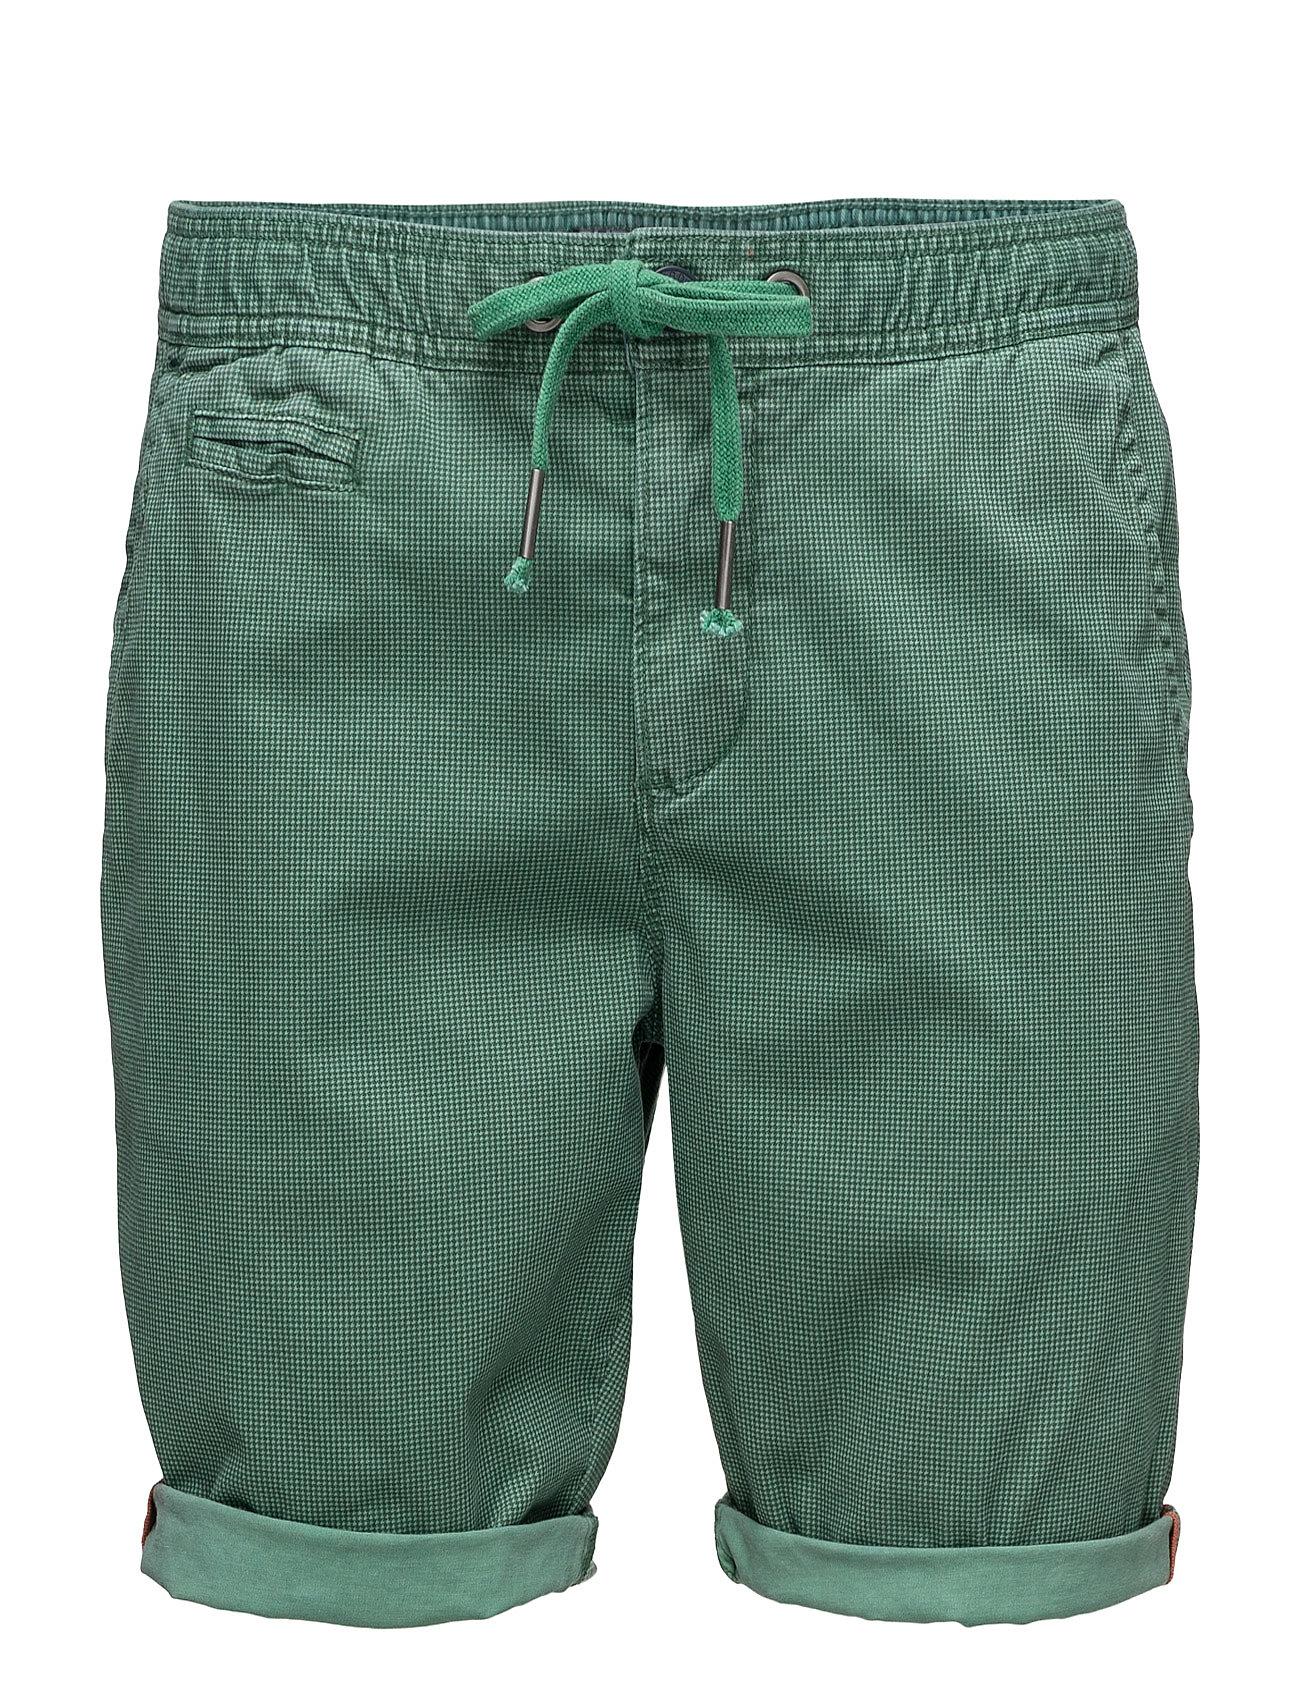 Int'L Sunscorched Beach Short Superdry Bermuda shorts til Herrer i